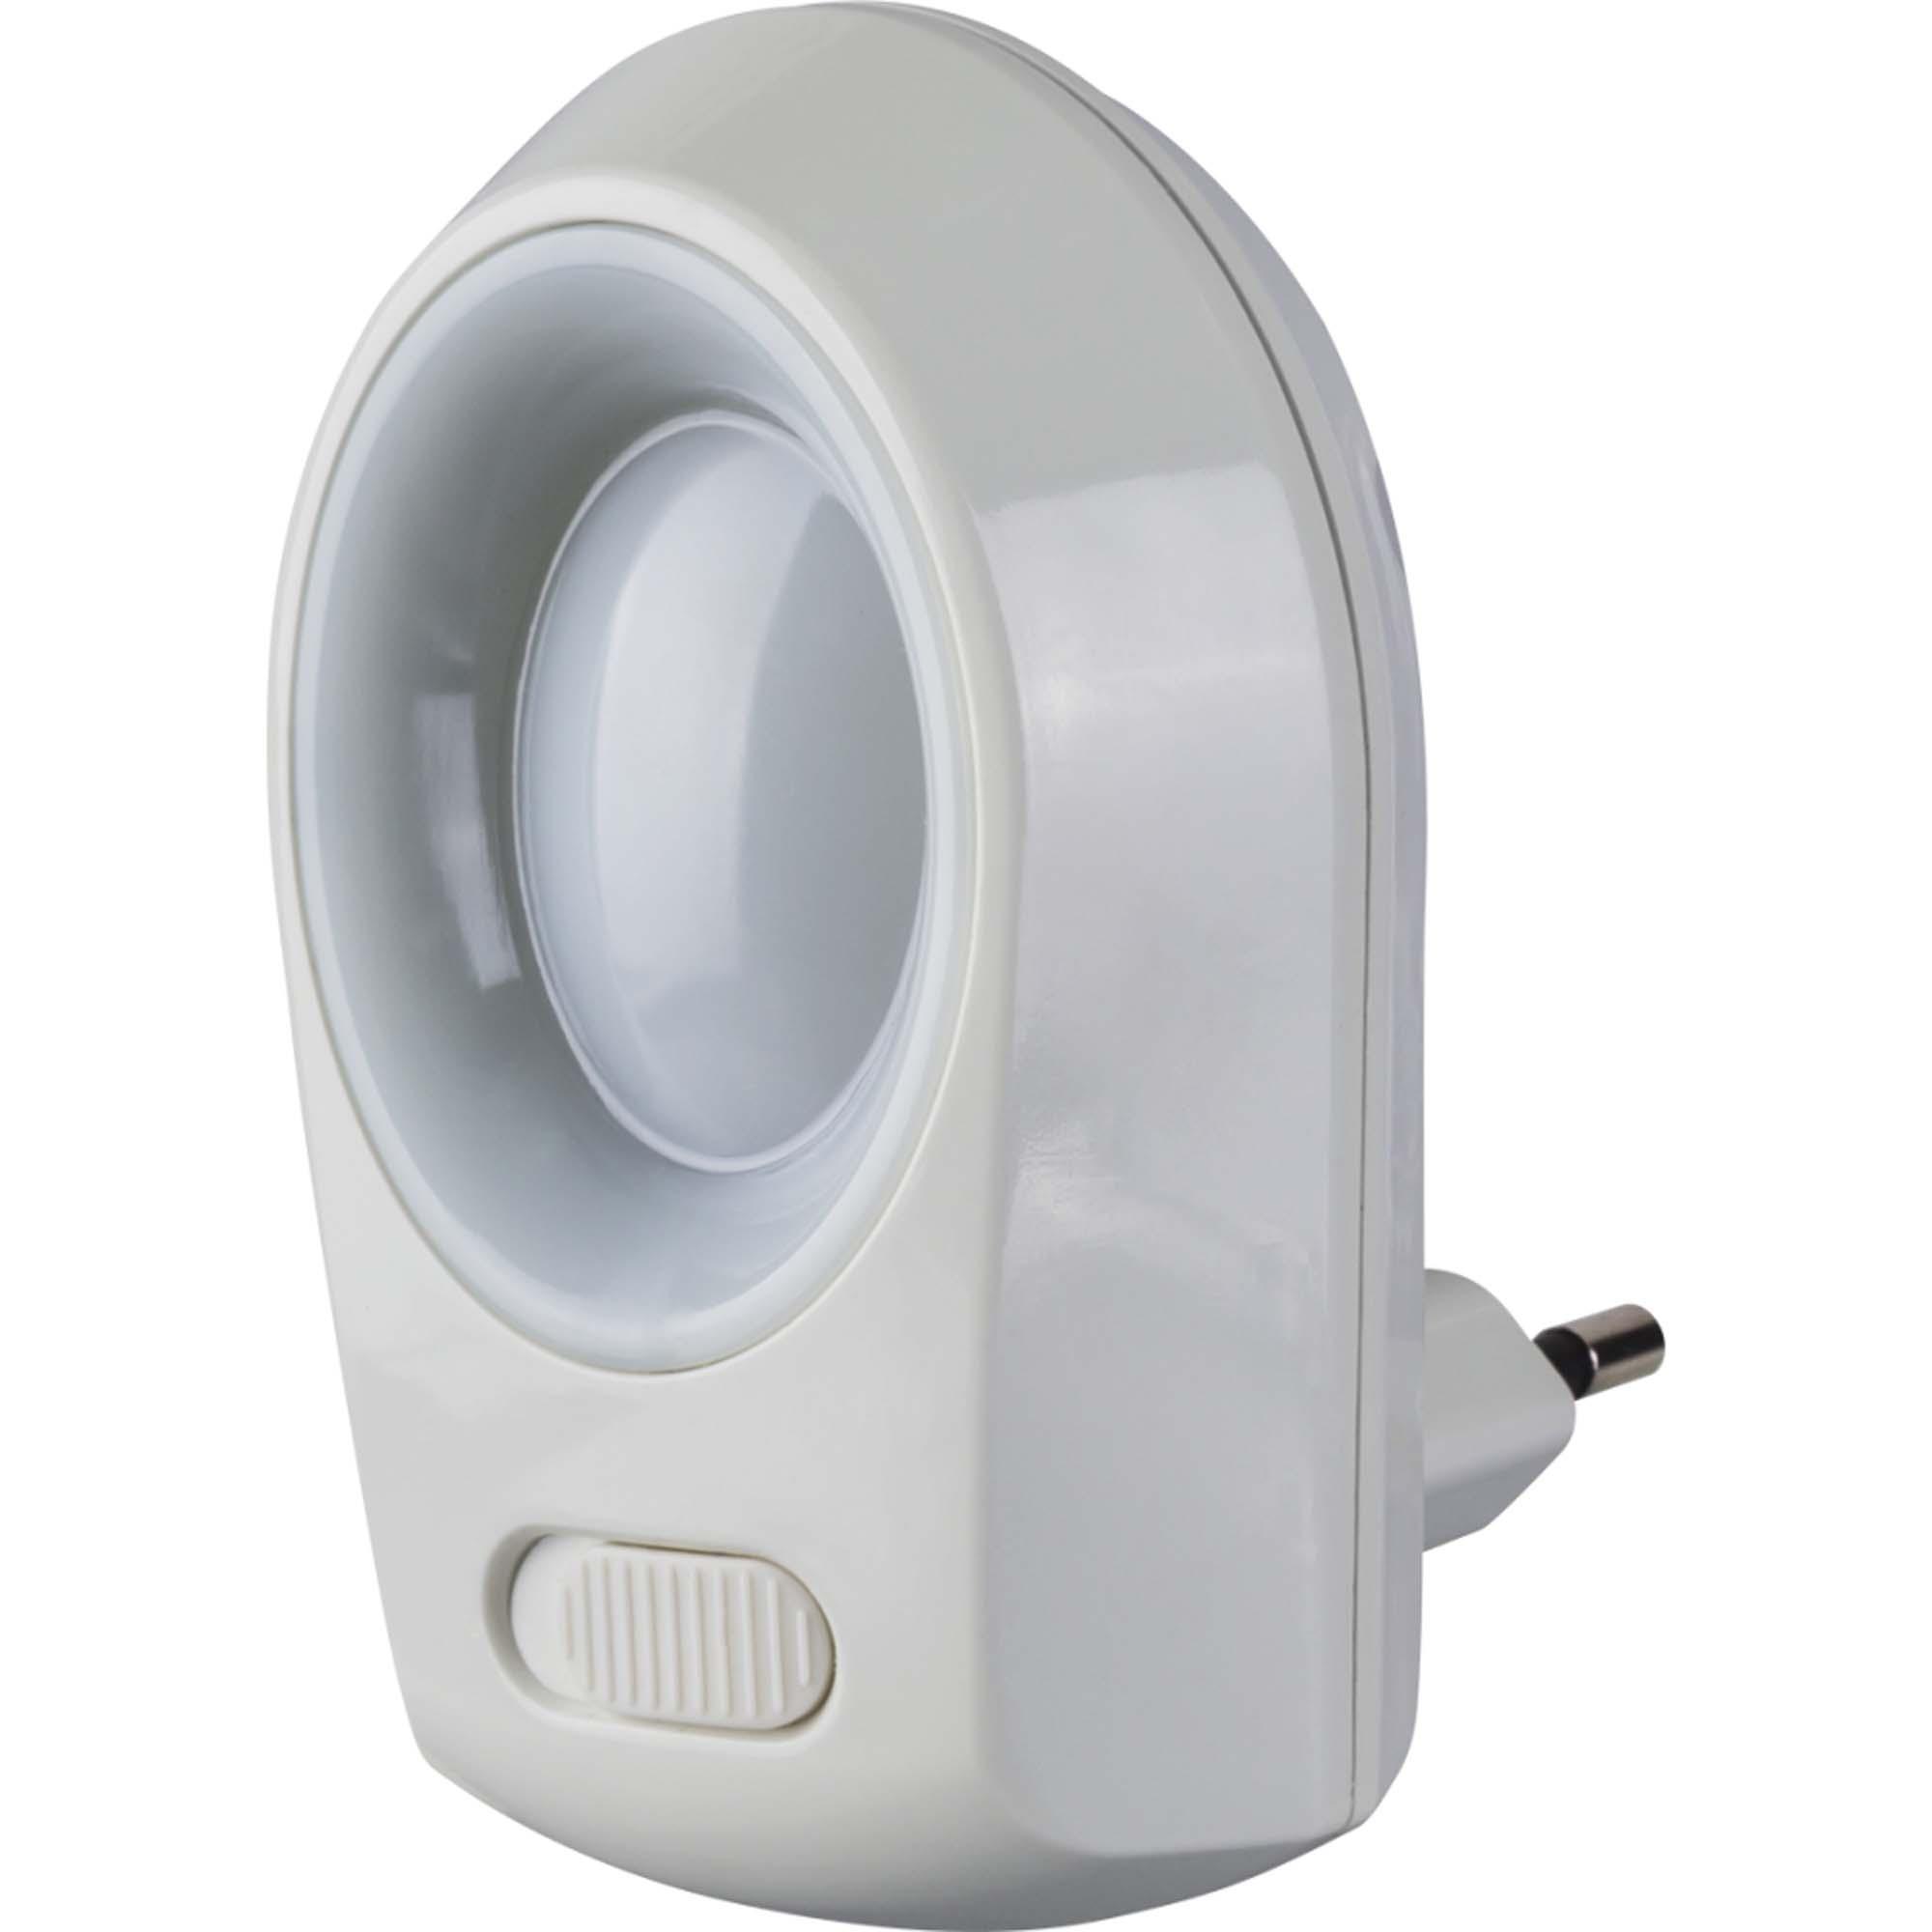 Ночник Navigator 01 с выключателем 0.5вт белый